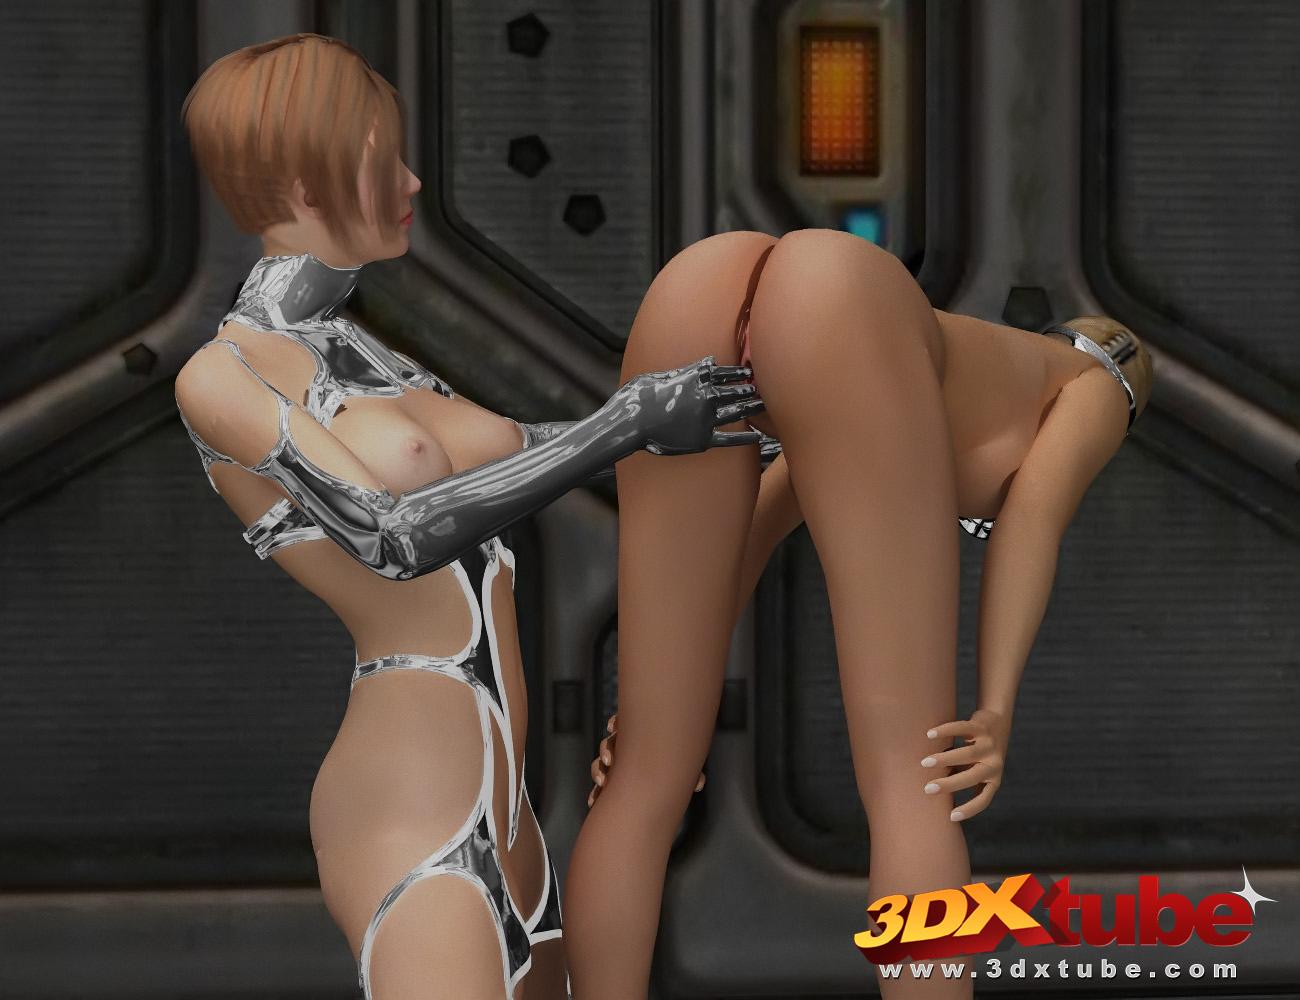 Секс с сексроботом, гиг порно секс роботы видео смотреть HD порно 18 фотография